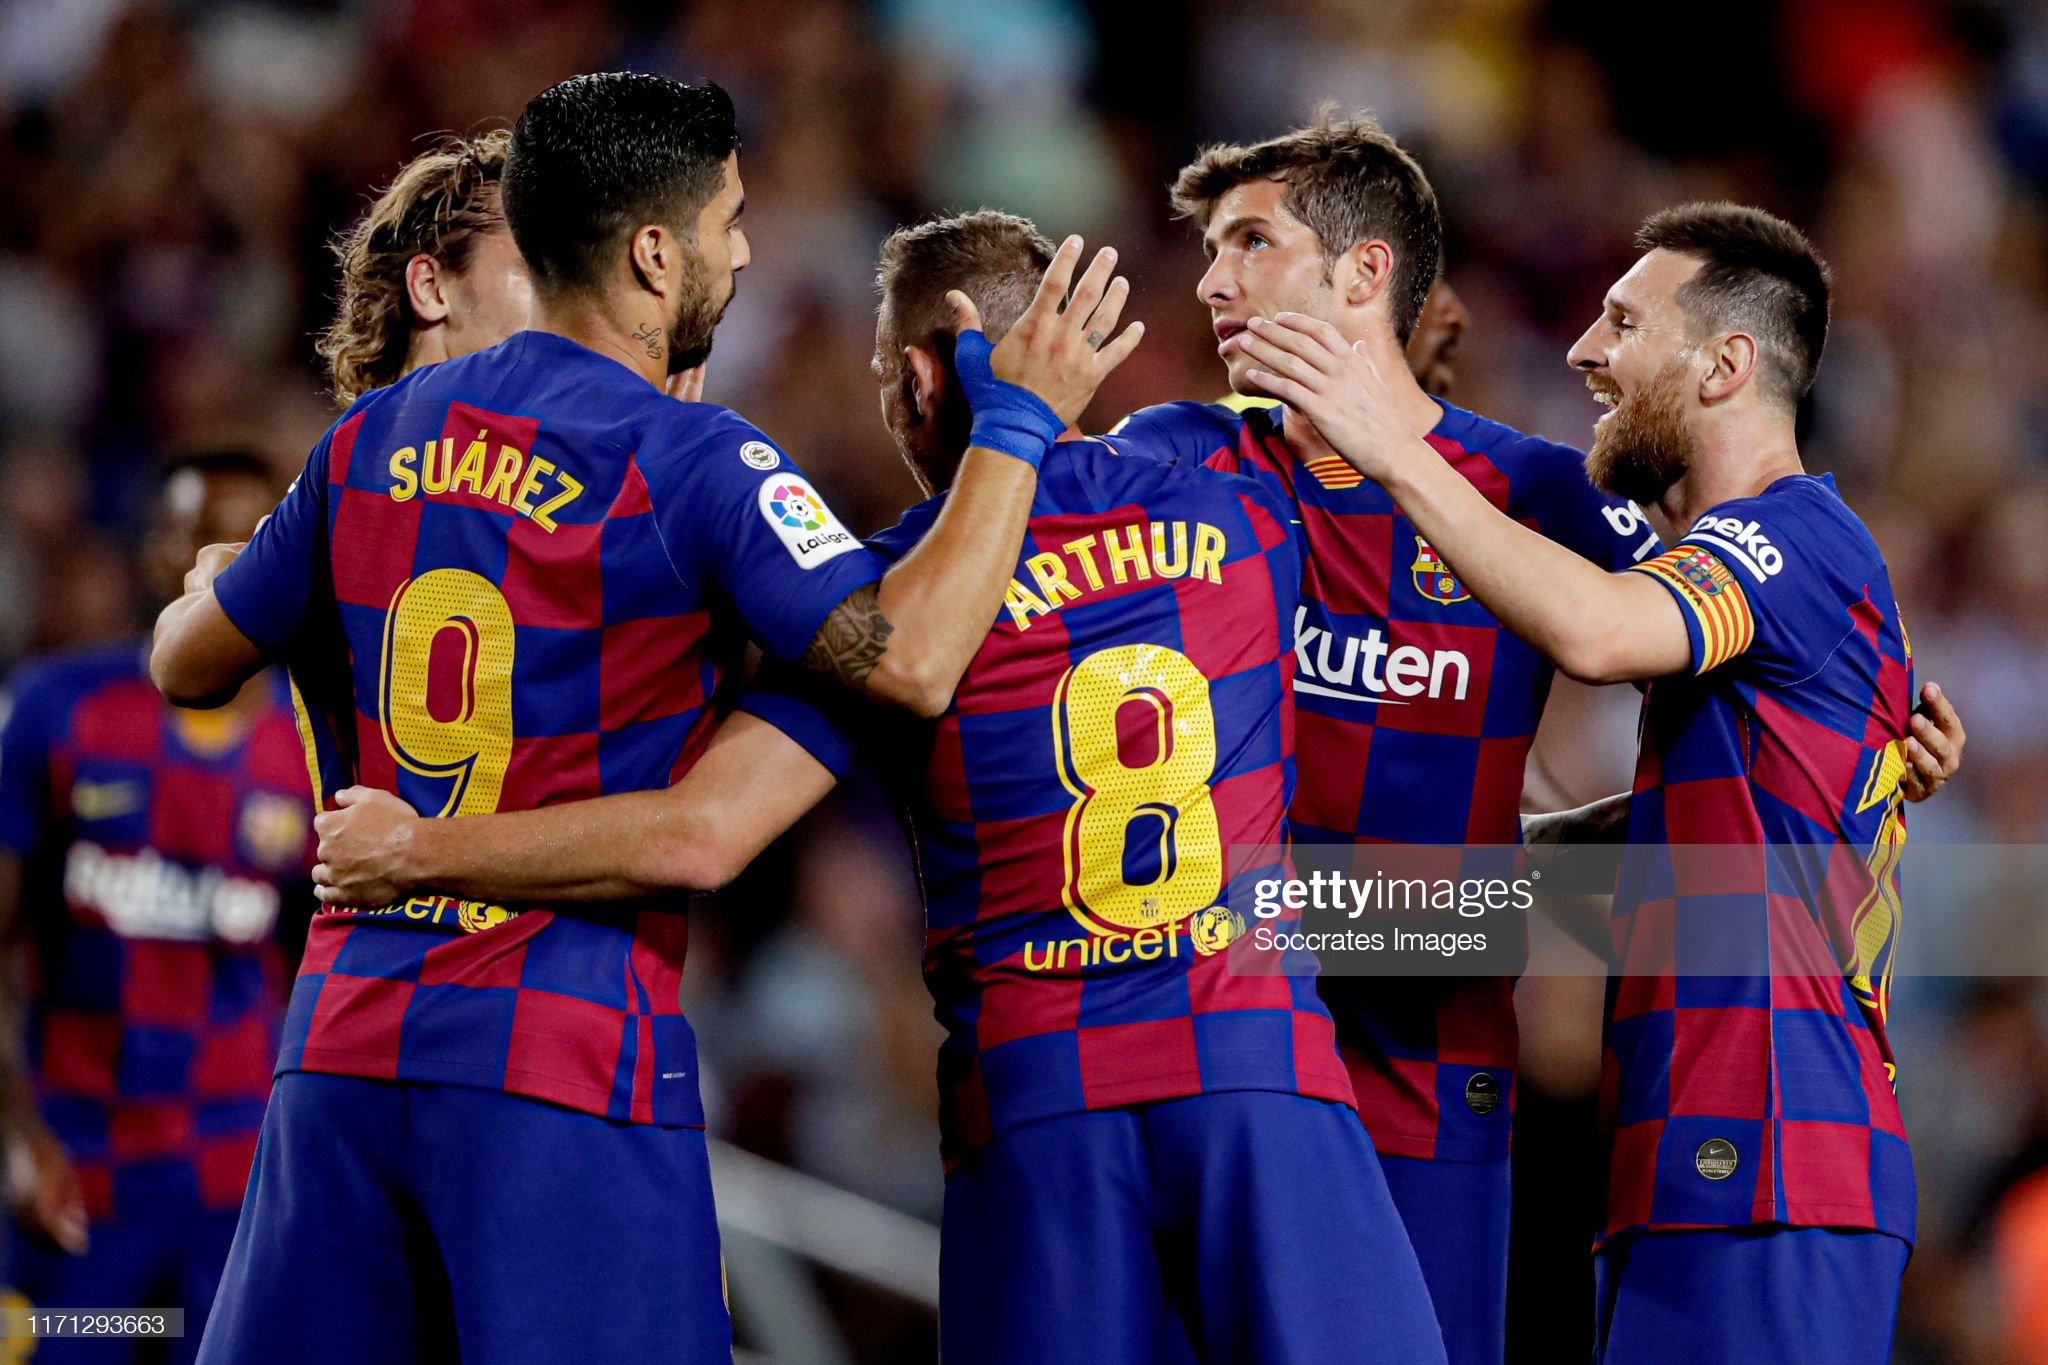 صور مباراة : برشلونة - فياريال 2-1 ( 24-09-2019 )  Arthur-of-fc-barcelona-celebrates-20-with-antoine-griezmann-of-fc-picture-id1171293663?s=2048x2048